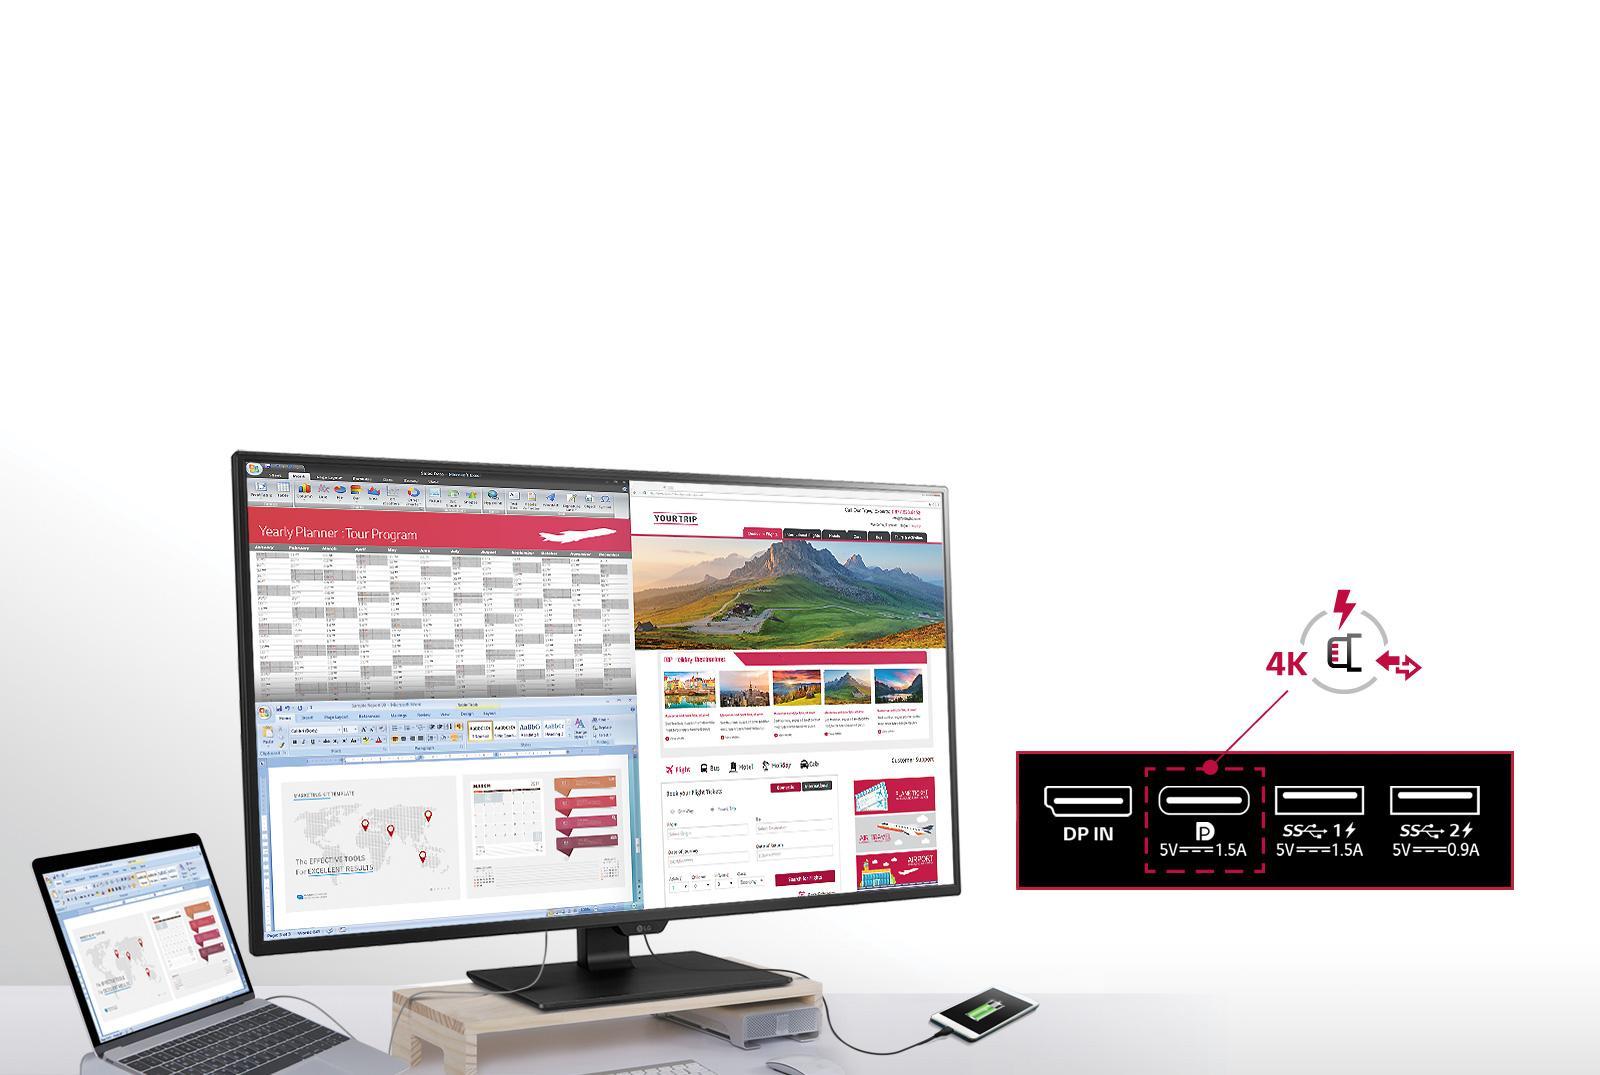 Monitor LG 4K simula la presenza di 4 schermi